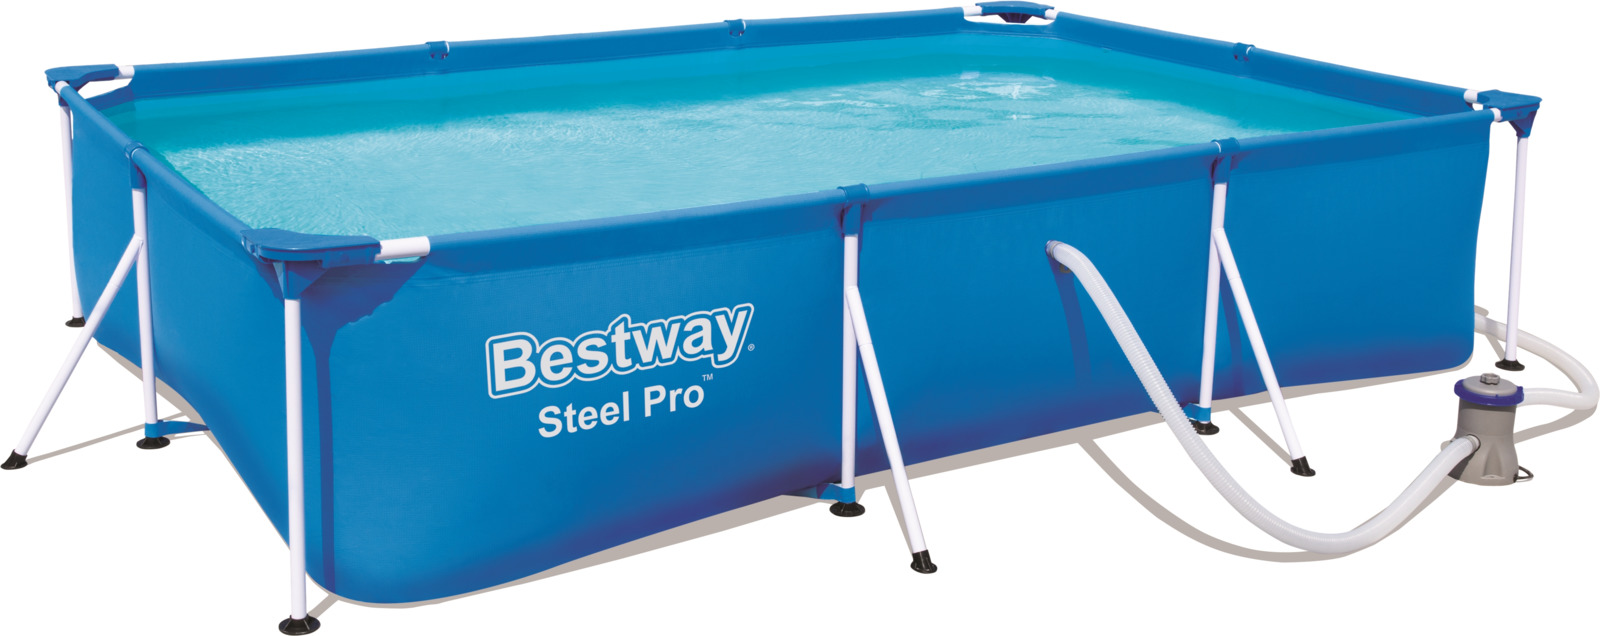 Бассейн каркасный Bestway Steel Pro, 3300 л бассейн каркасный bestway 56100 457х122 см 56438